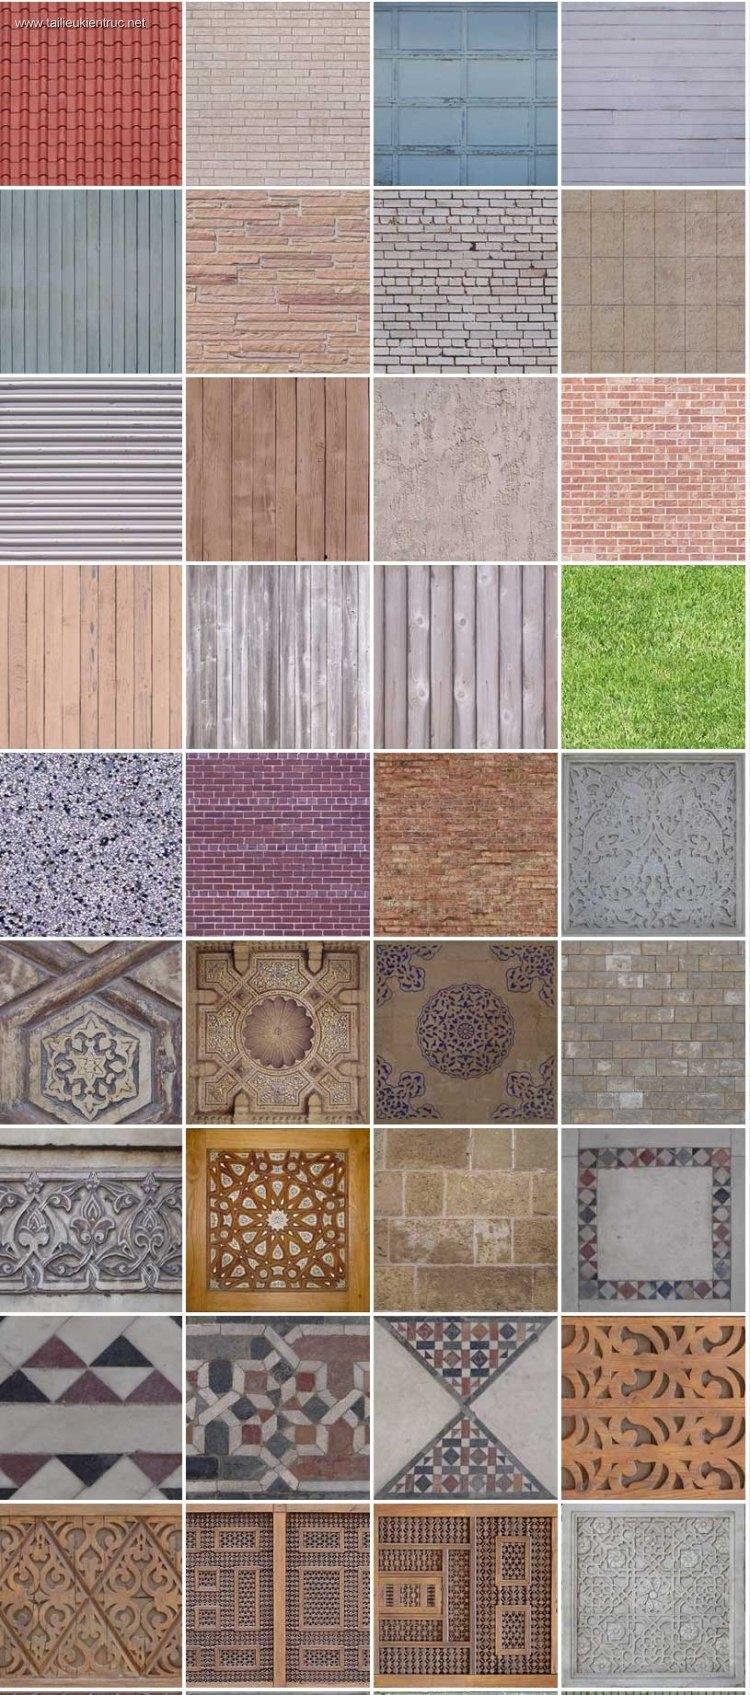 Thư viện 91 file ảnh tổng hợp Map gạch, ngói, đá, sỏi, gỗ, chất lượng cao #8